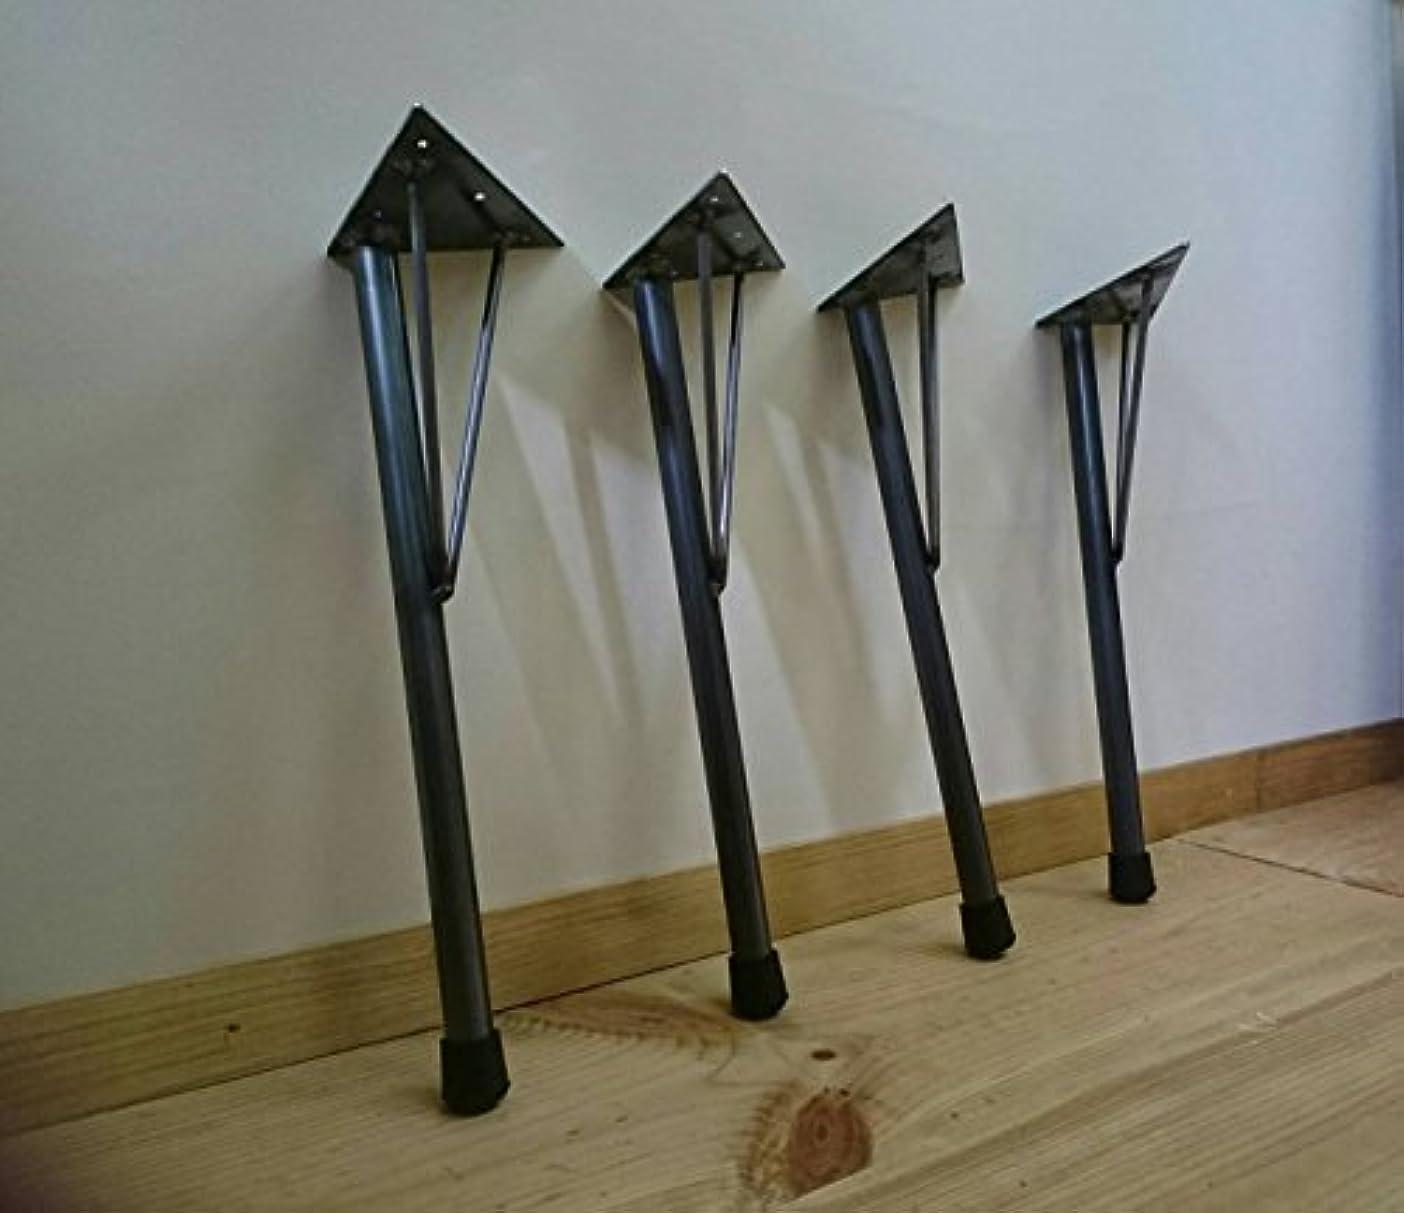 ネブレンドレンチアイアンレッグ DIY素材テーブル脚 4本セット鉄足 (S)